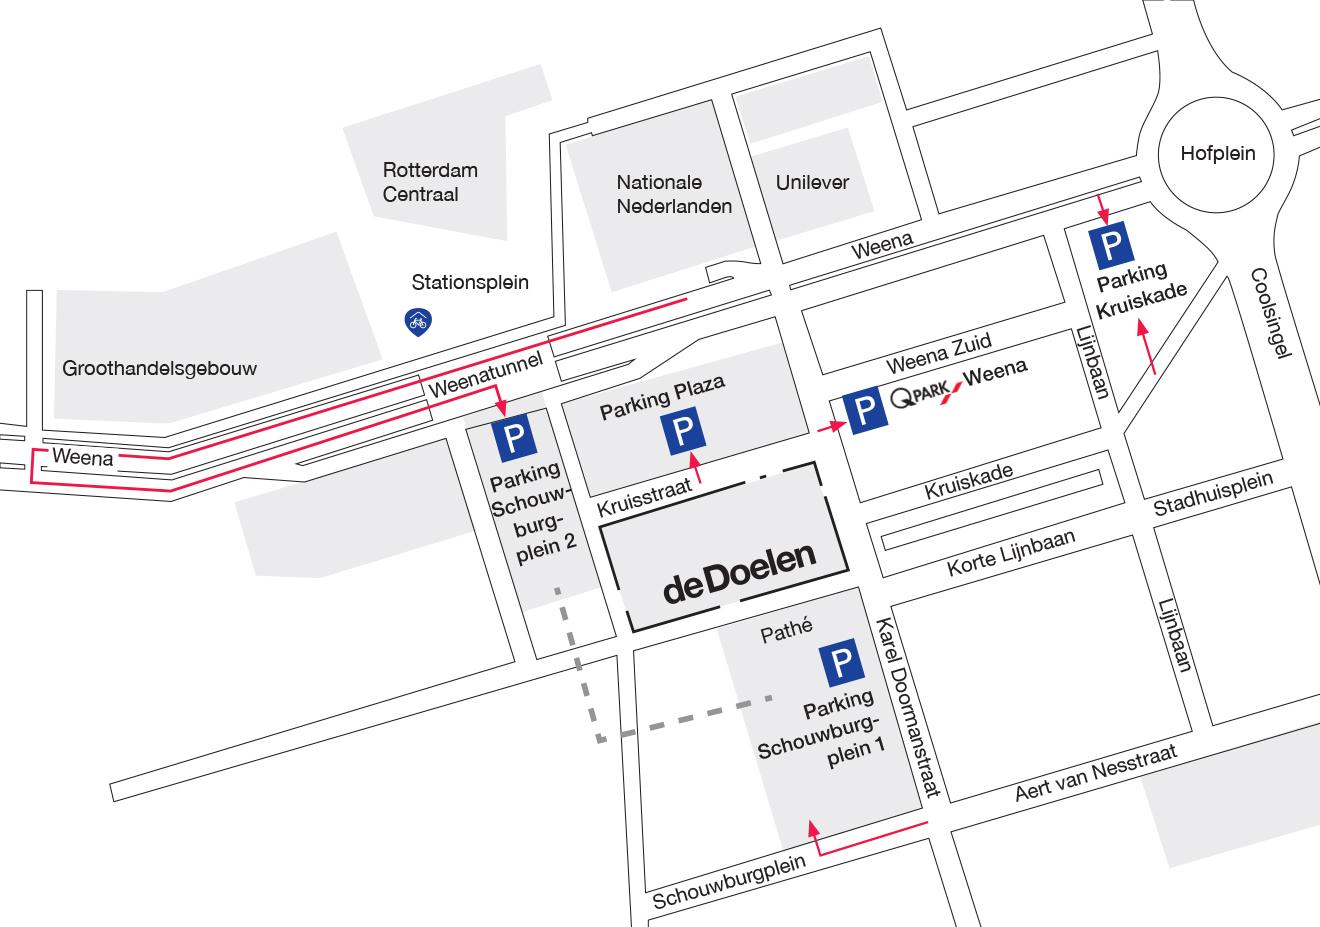 Auto, brommer, motor, fiets parkeerplekken rondom de Doelen Rotterdam